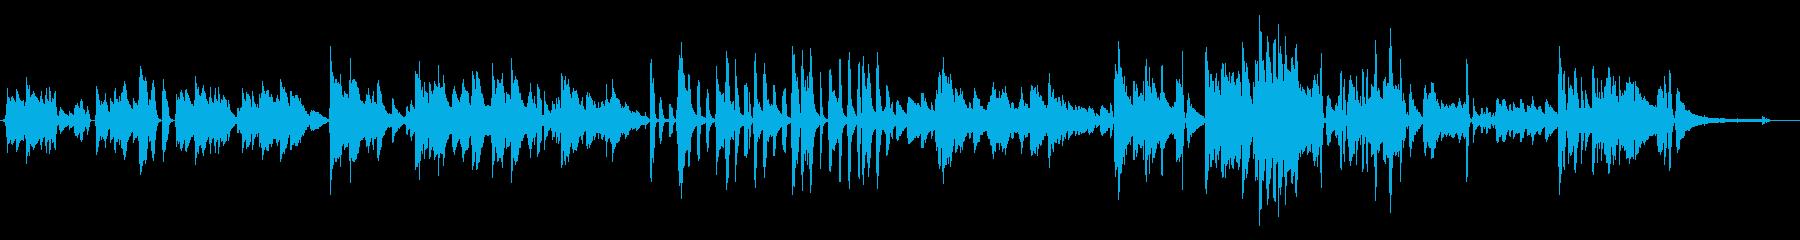 エンディングに合う優しいピアノ曲の再生済みの波形